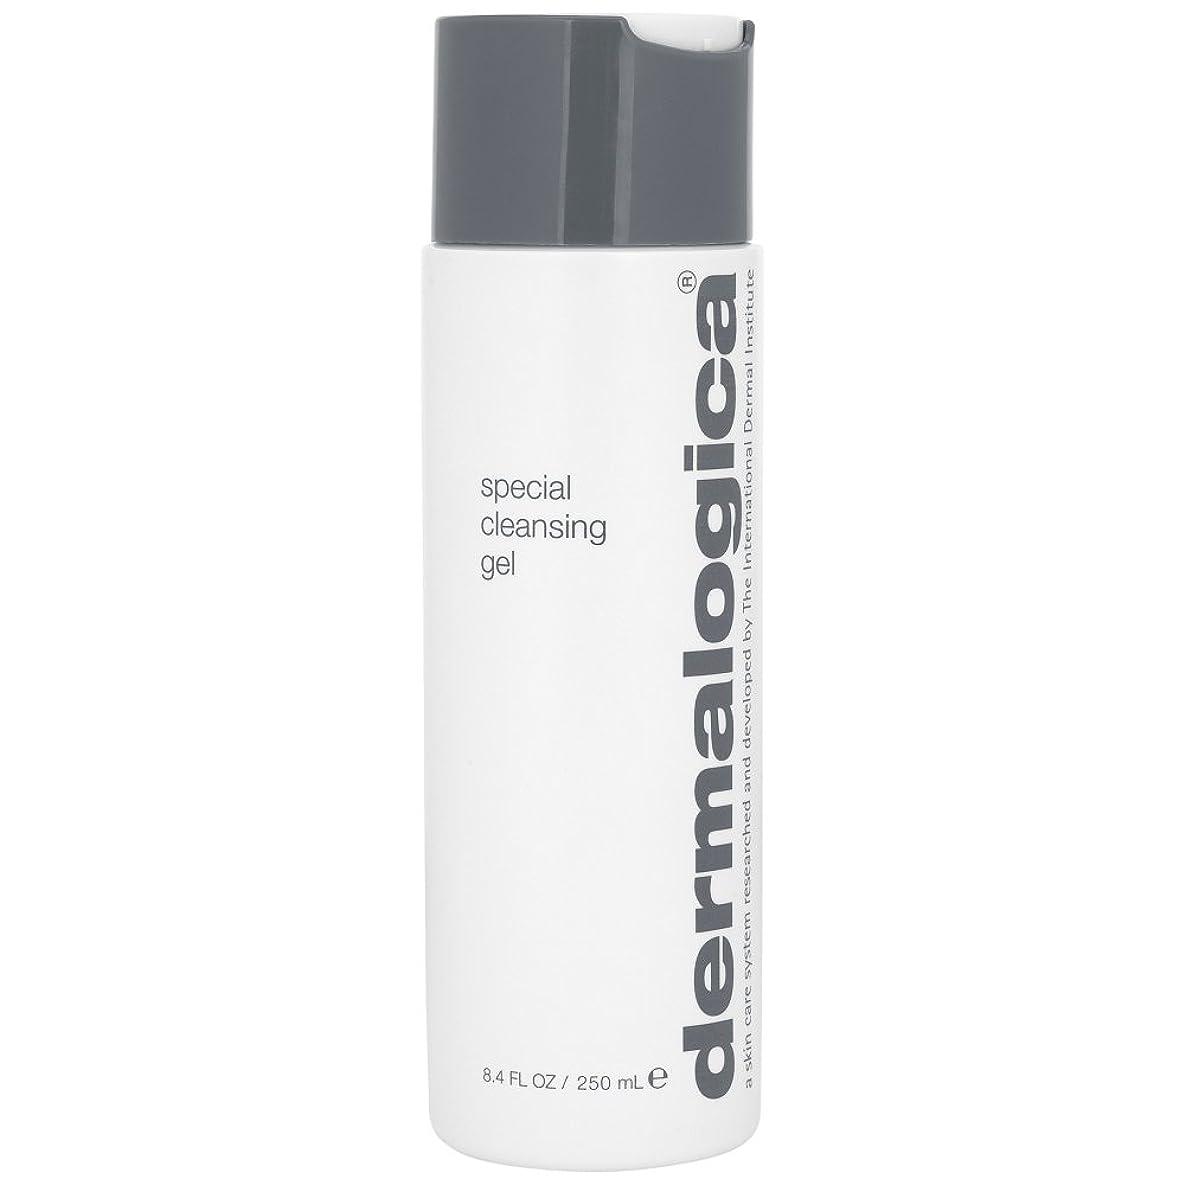 スキッパーマティス実業家ダーマロジカ特別なクレンジングゲル250ミリリットル (Dermalogica) - Dermalogica Special Cleansing Gel 250ml [並行輸入品]